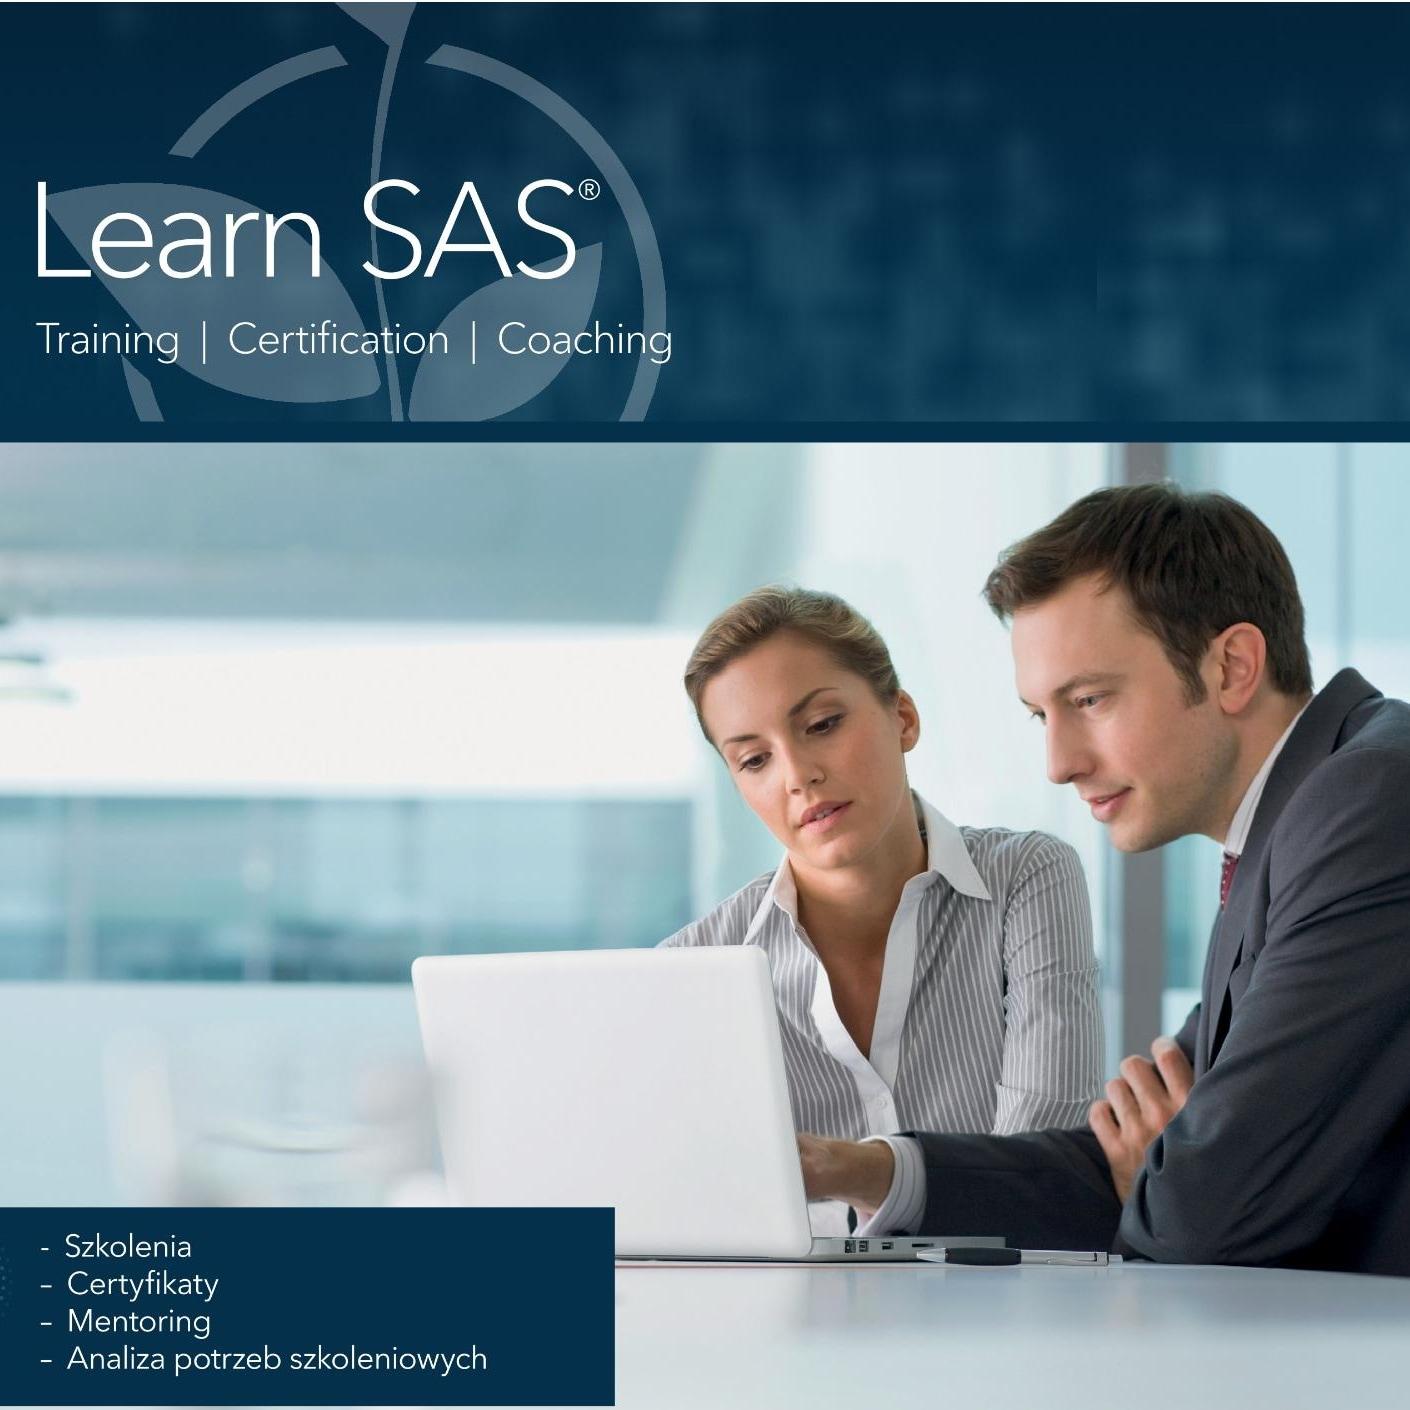 Szkolenia SAS